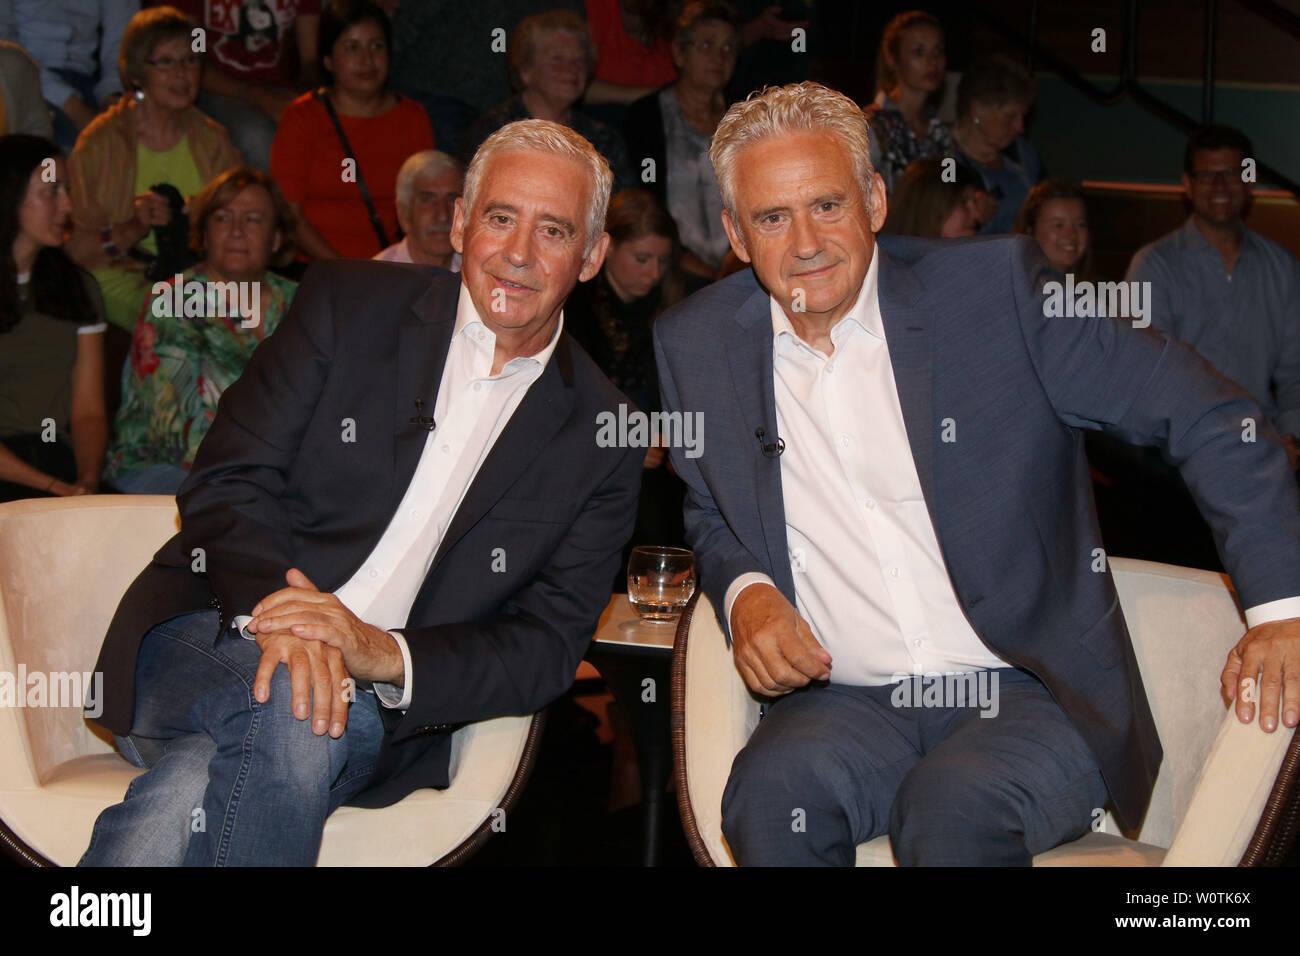 Erwin und Helmut Kremers, Ex-Profis, Lanz, Sendung 2 vom 11.07.2018, Hamburg - Stock Image